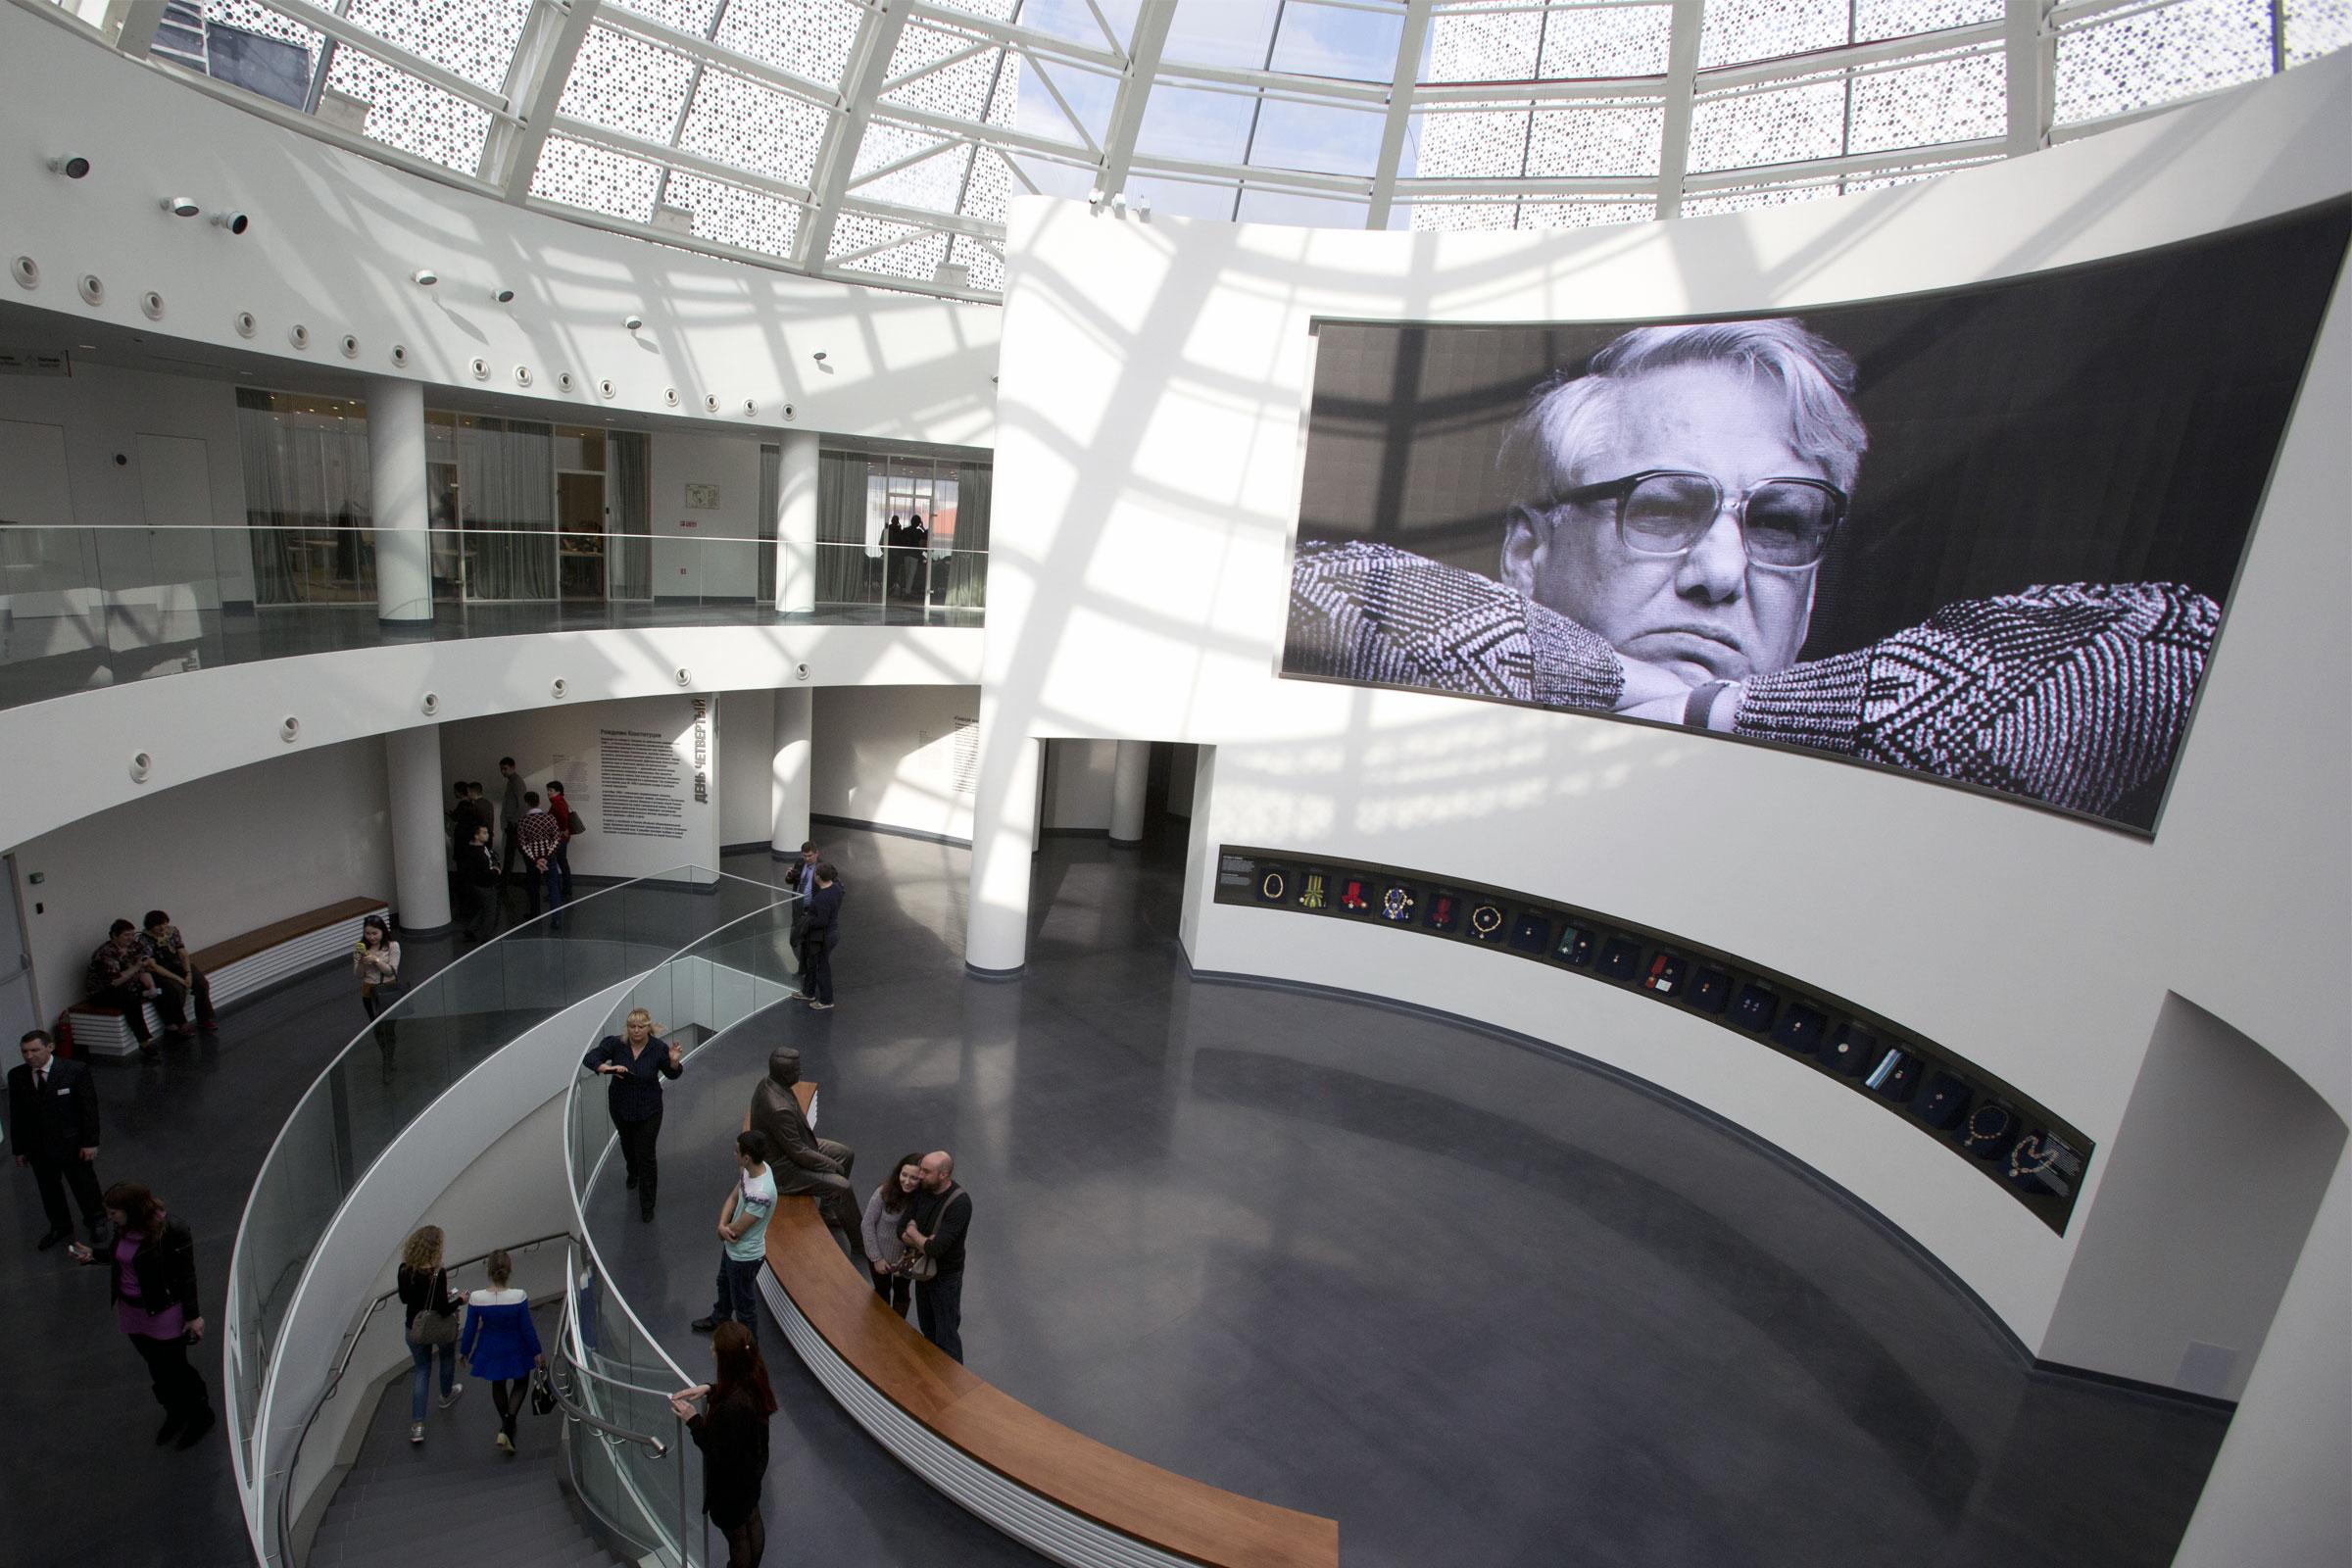 位于叶卡捷琳堡的最重要的博物馆 – 叶利钦博物馆的大厅